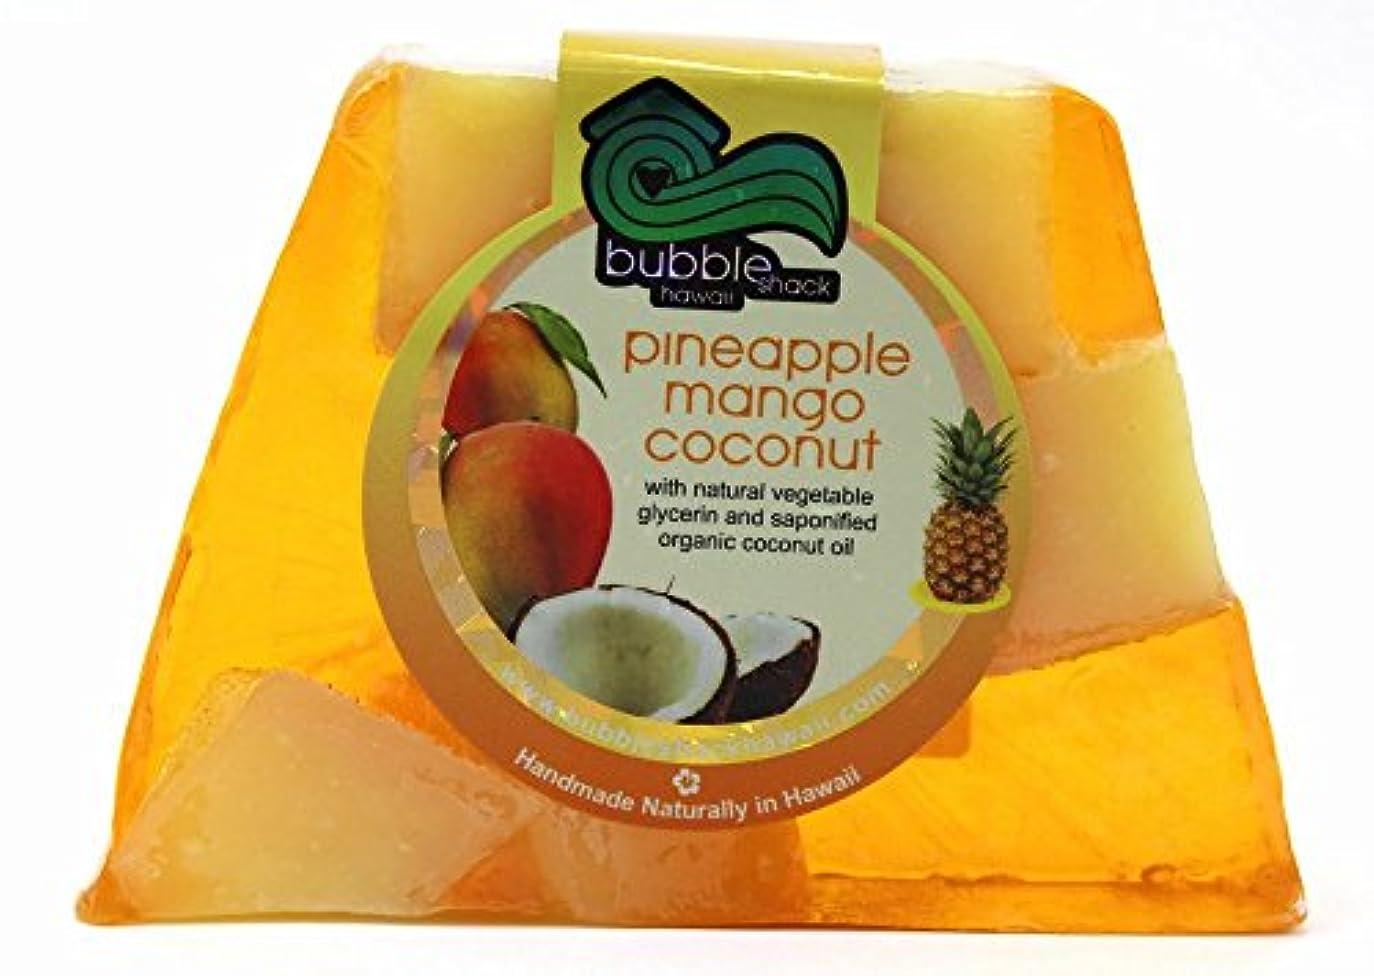 とてもカカドゥ百万ハワイ お土産 ハワイアン雑貨 バブルシャック パイナップル チャンクソープ 石鹸 (マンゴーココナッツ) ハワイ雑貨